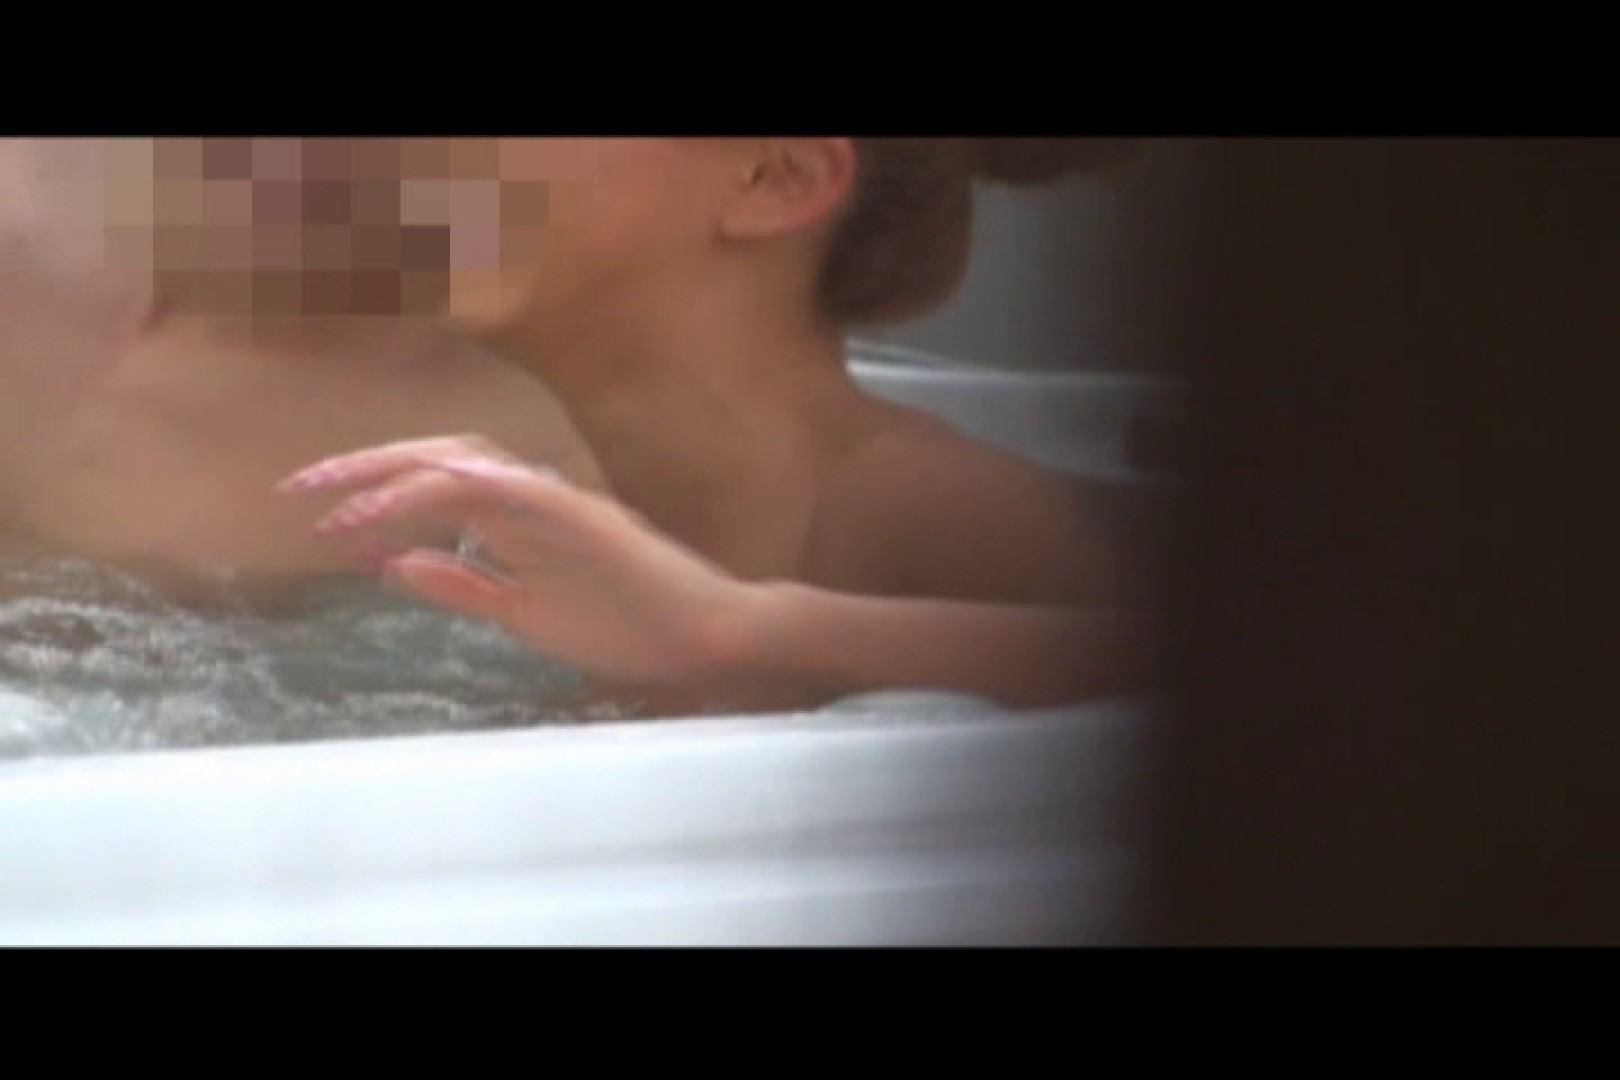 貸切露天 発情カップル! vol.05 潜伏露天風呂 覗き性交動画流出 55pic 41